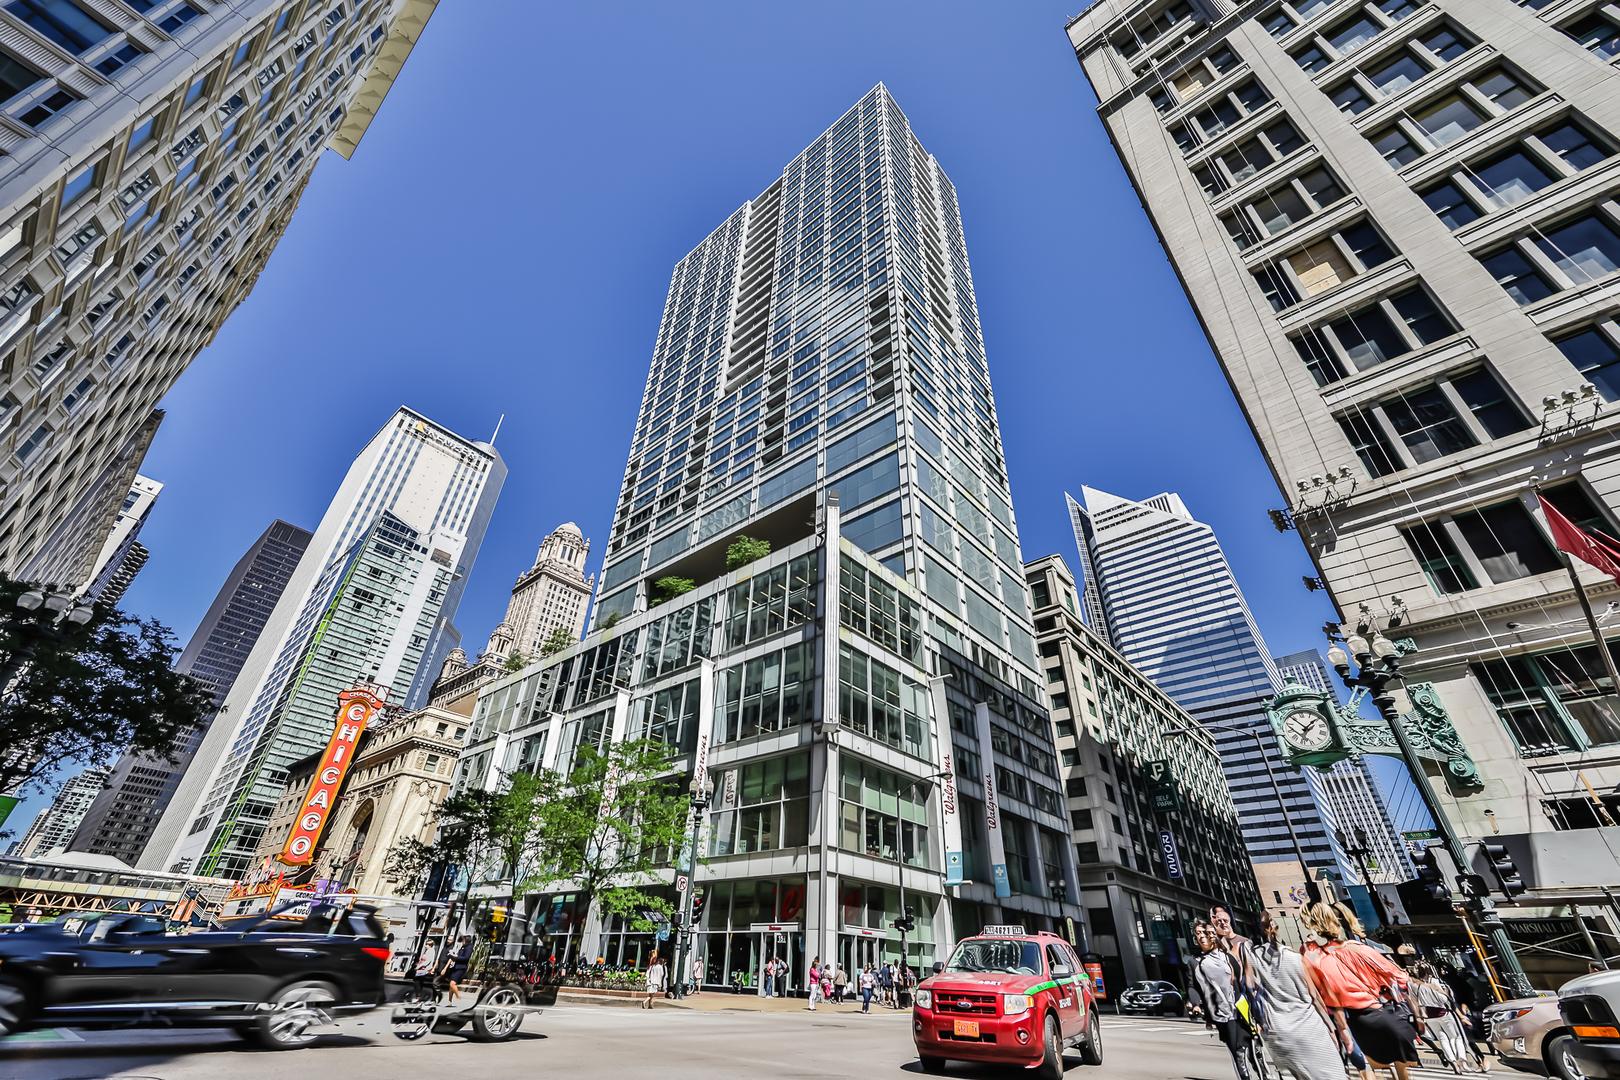 8 East Randolph Street, Chicago Loop, Illinois